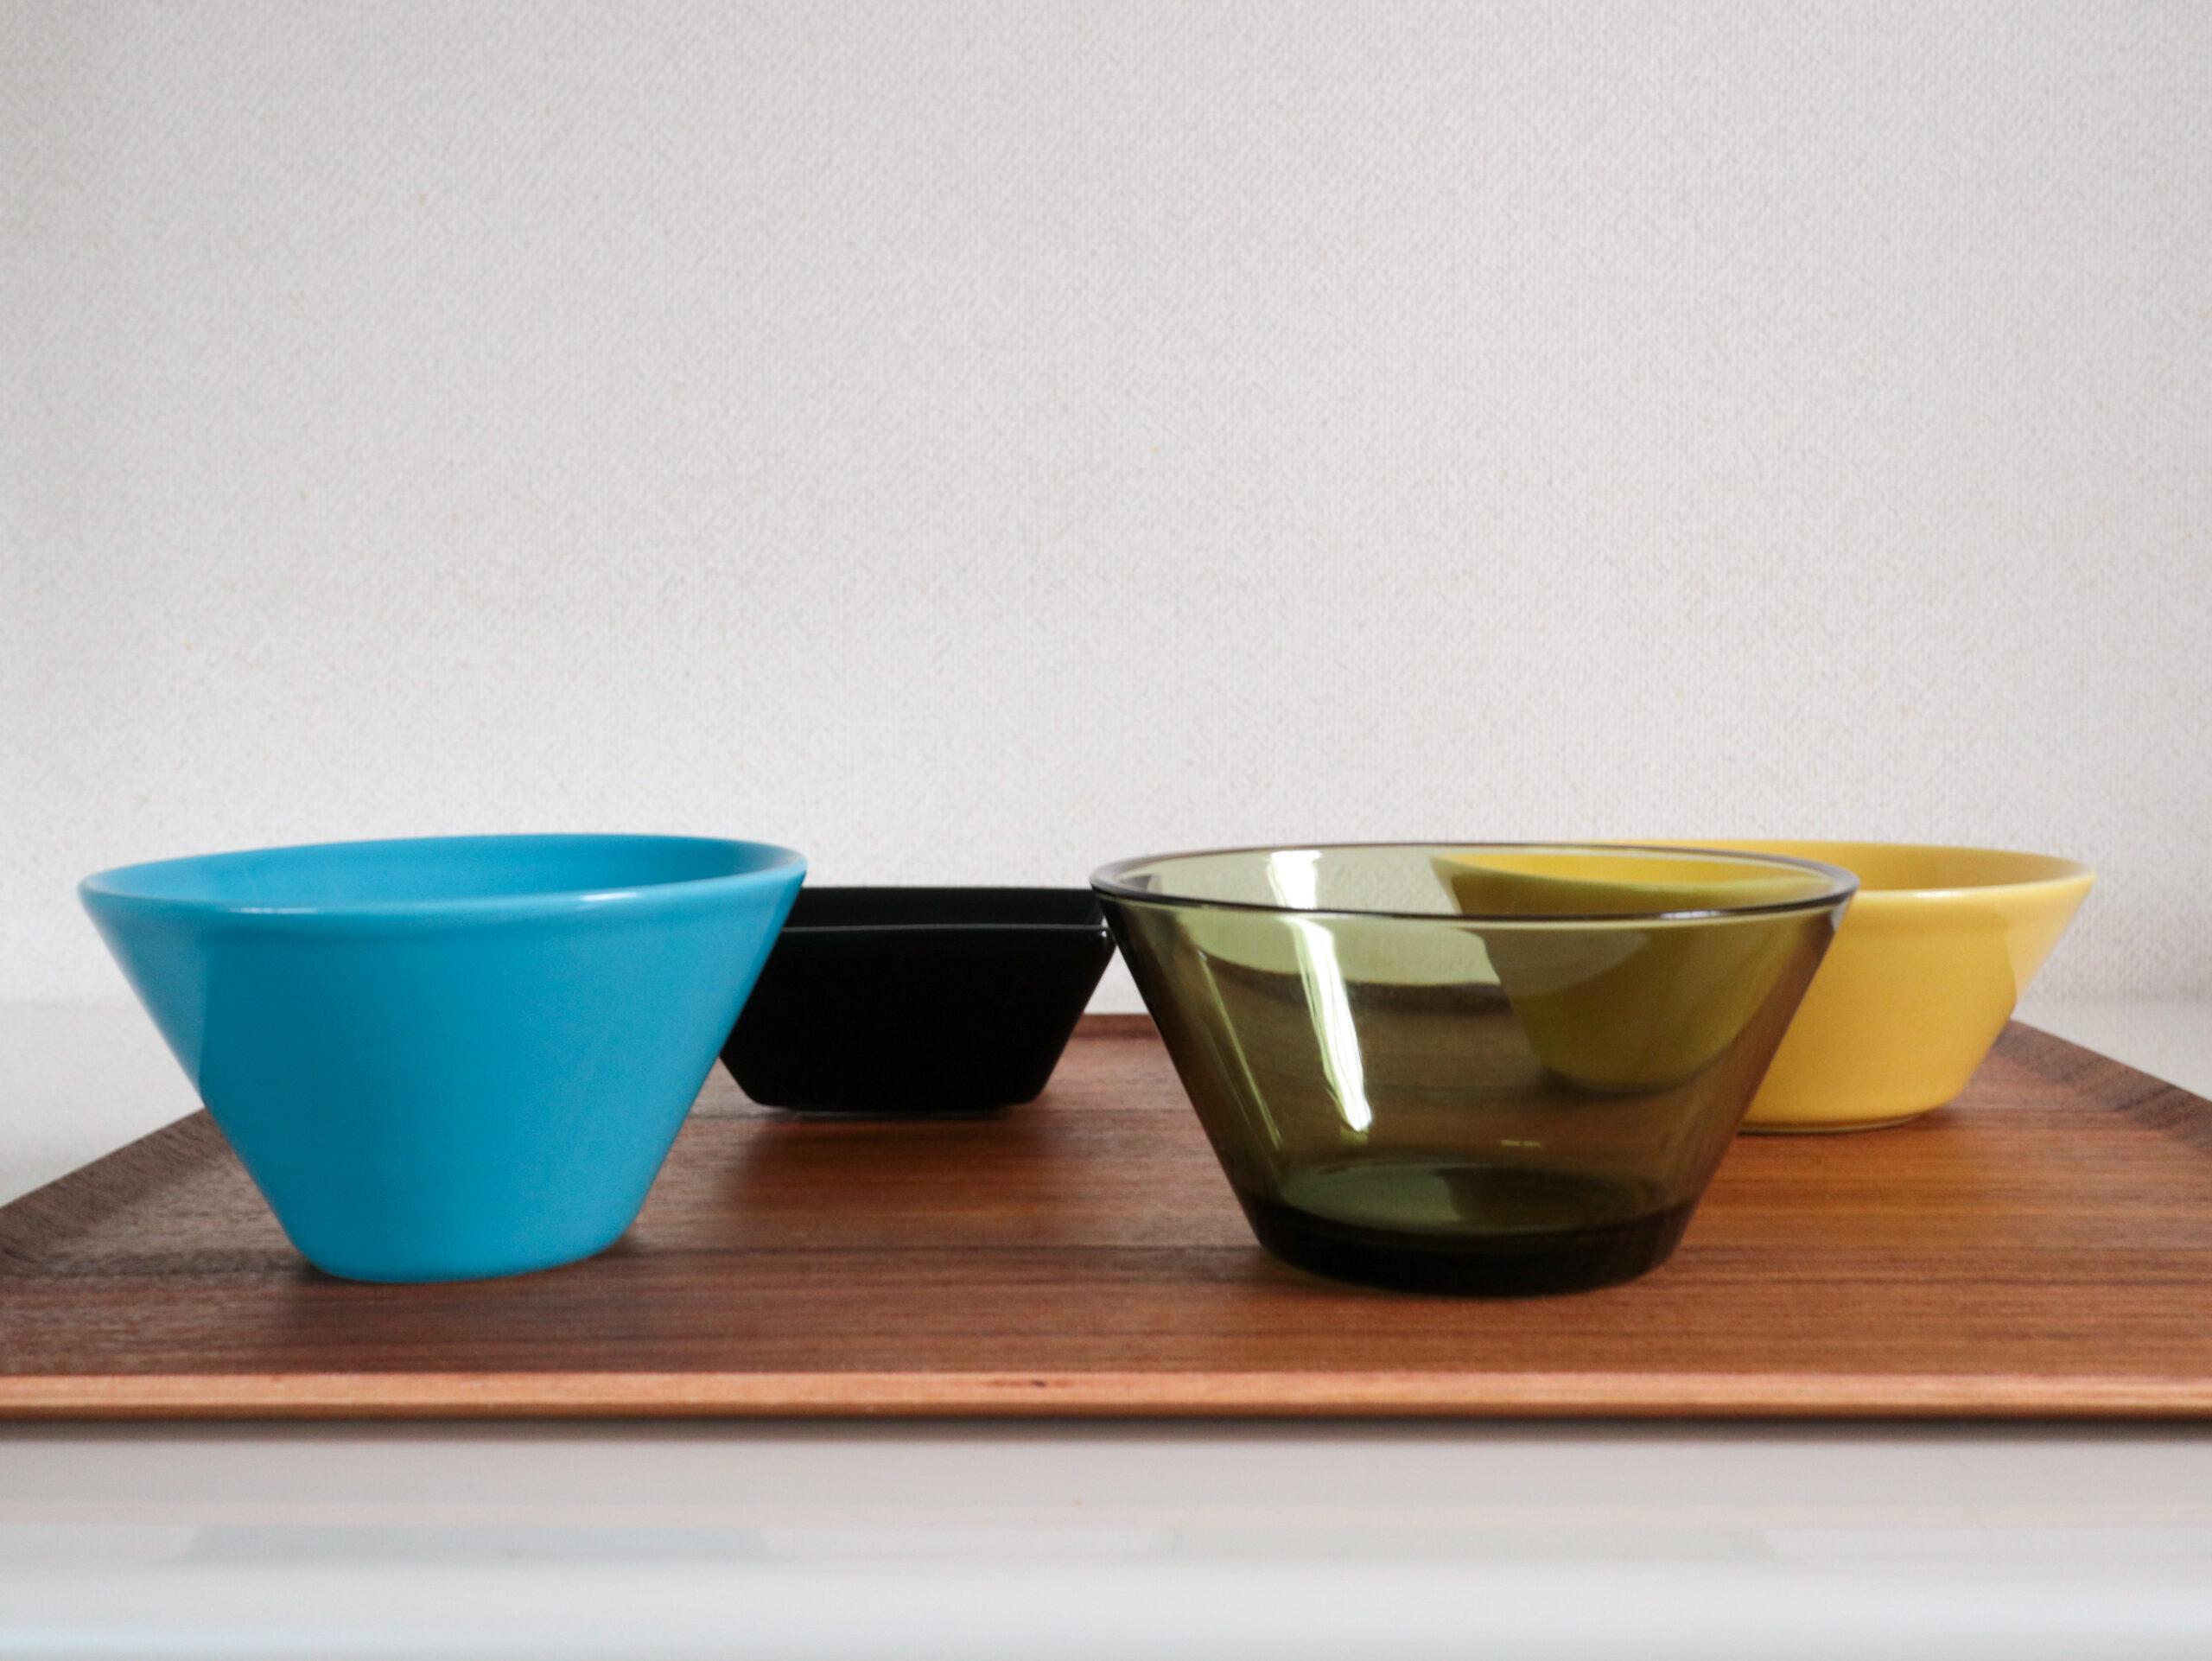 【ボウル・小鉢】深さのある和洋食器のラインナップ&おすすめショップリスト